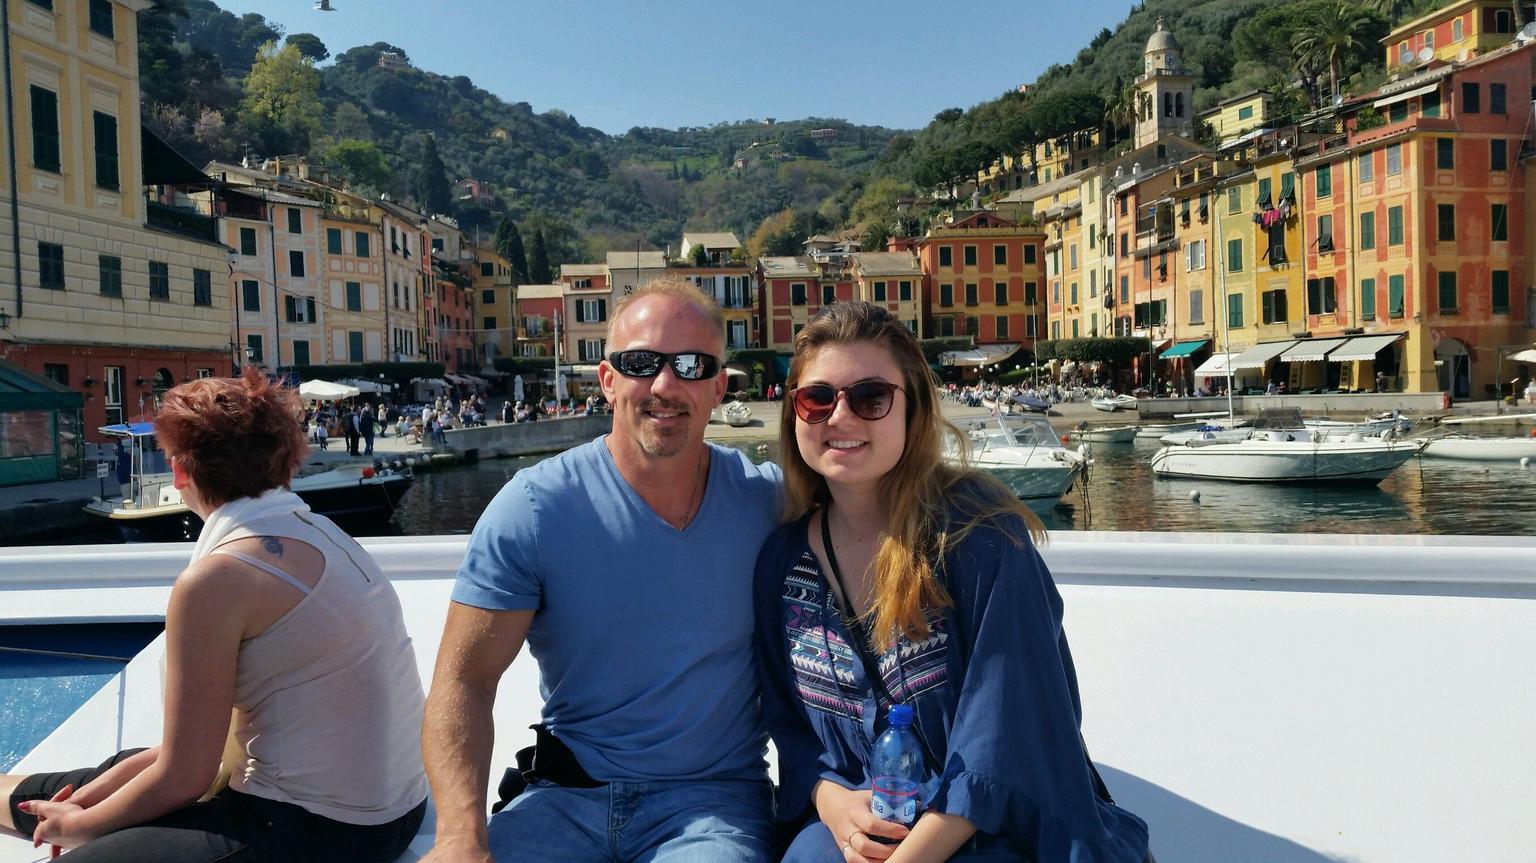 MAIS FOTOS, Viagem de um dia para Gênova e Portofino partindo de Milão